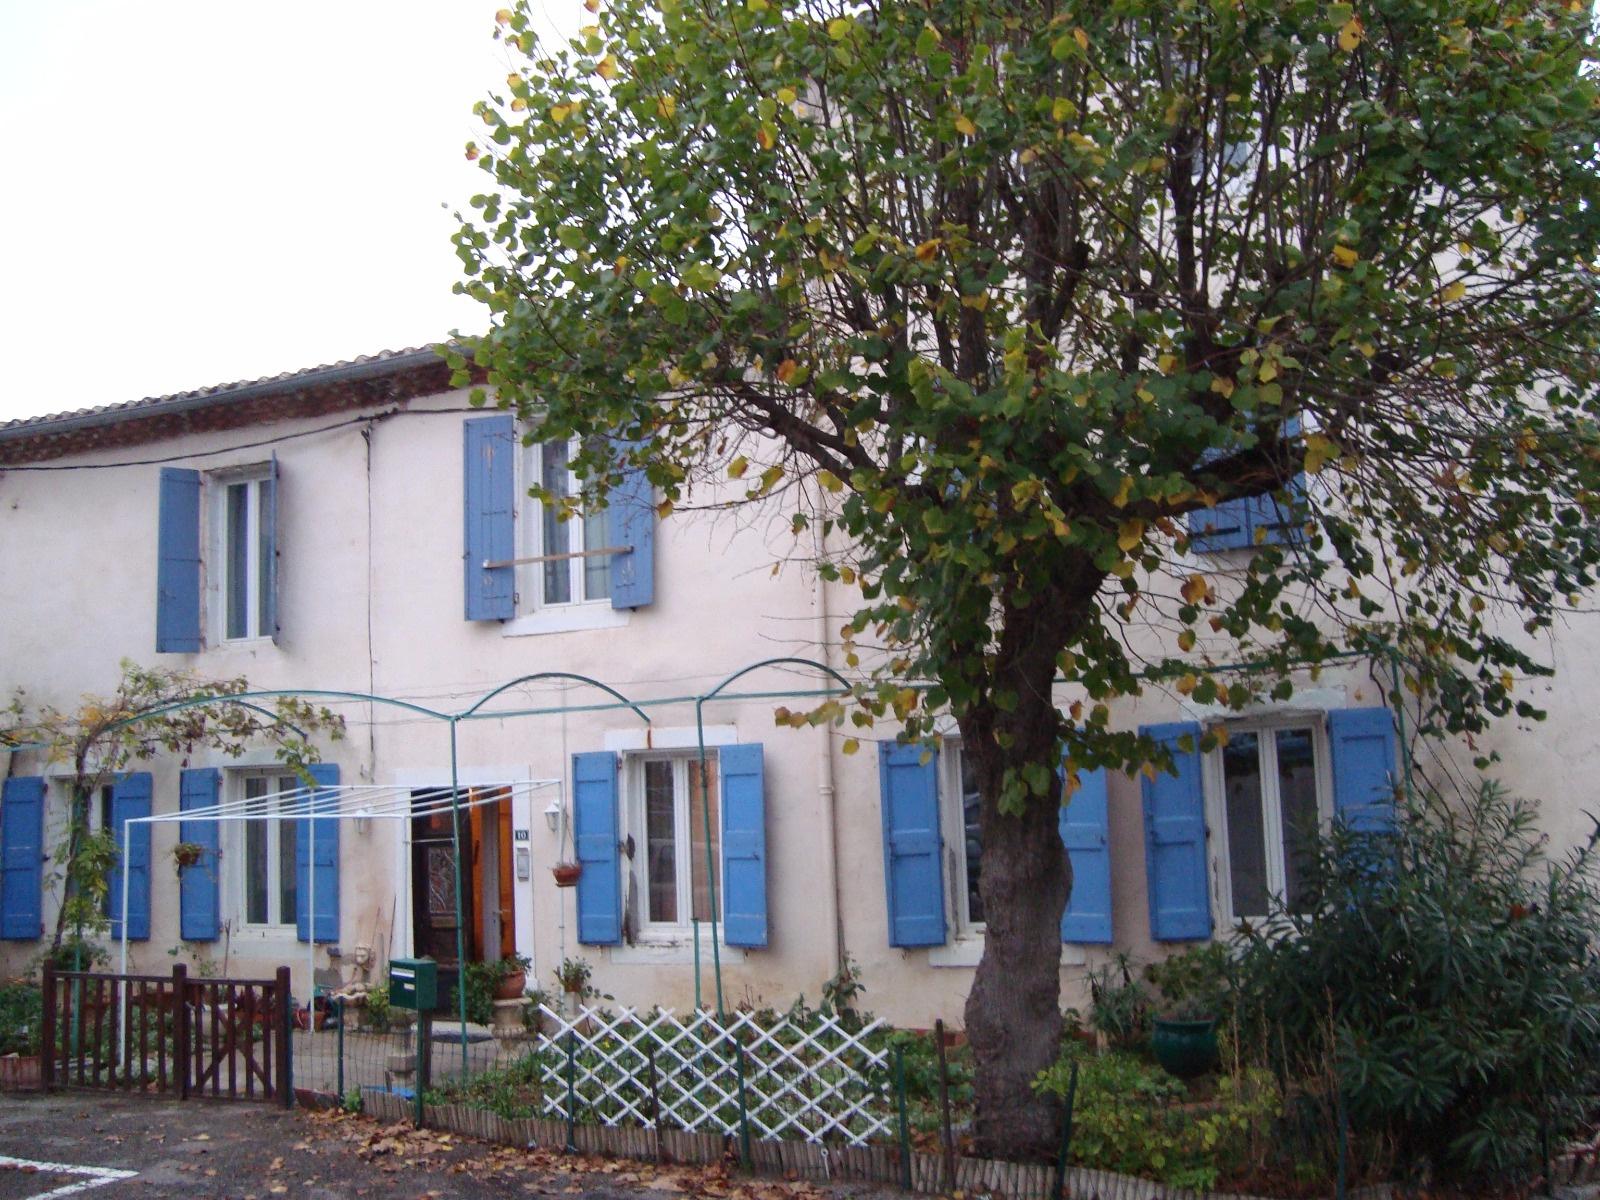 Vente immobilier carcassonne appartements maisons for Achat maison neuve narbonne